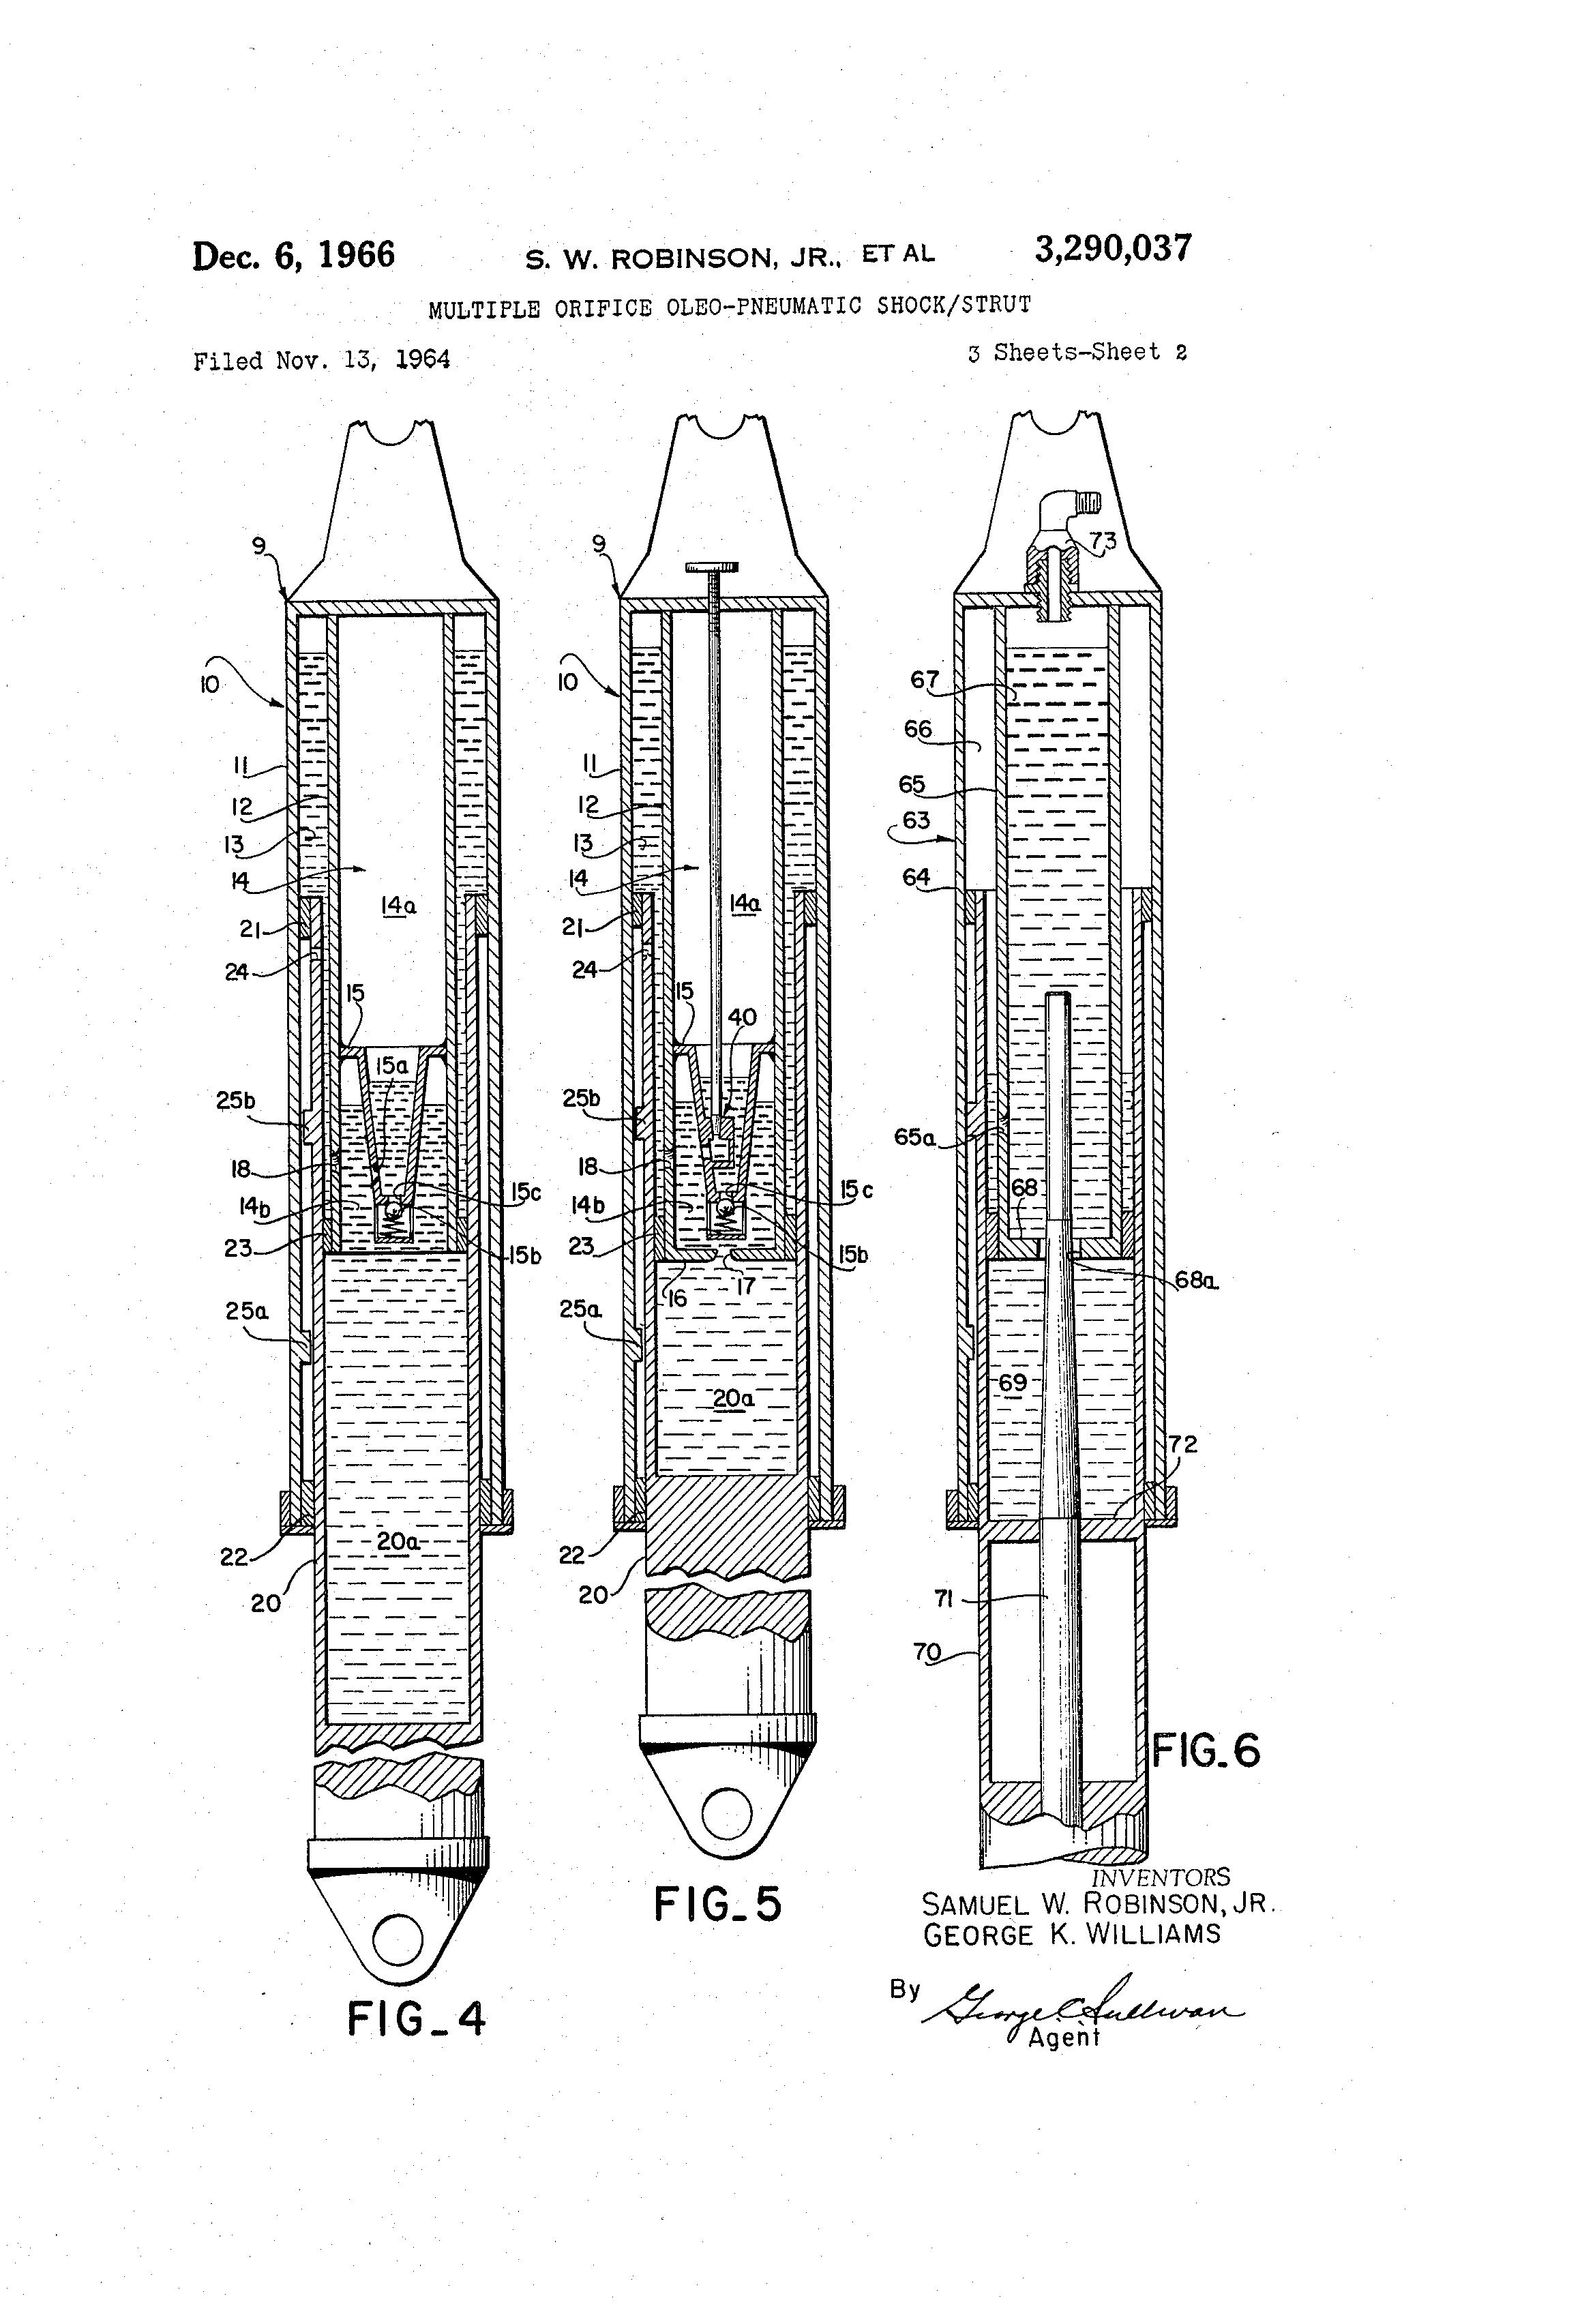 Patent  IdeaNav Patent